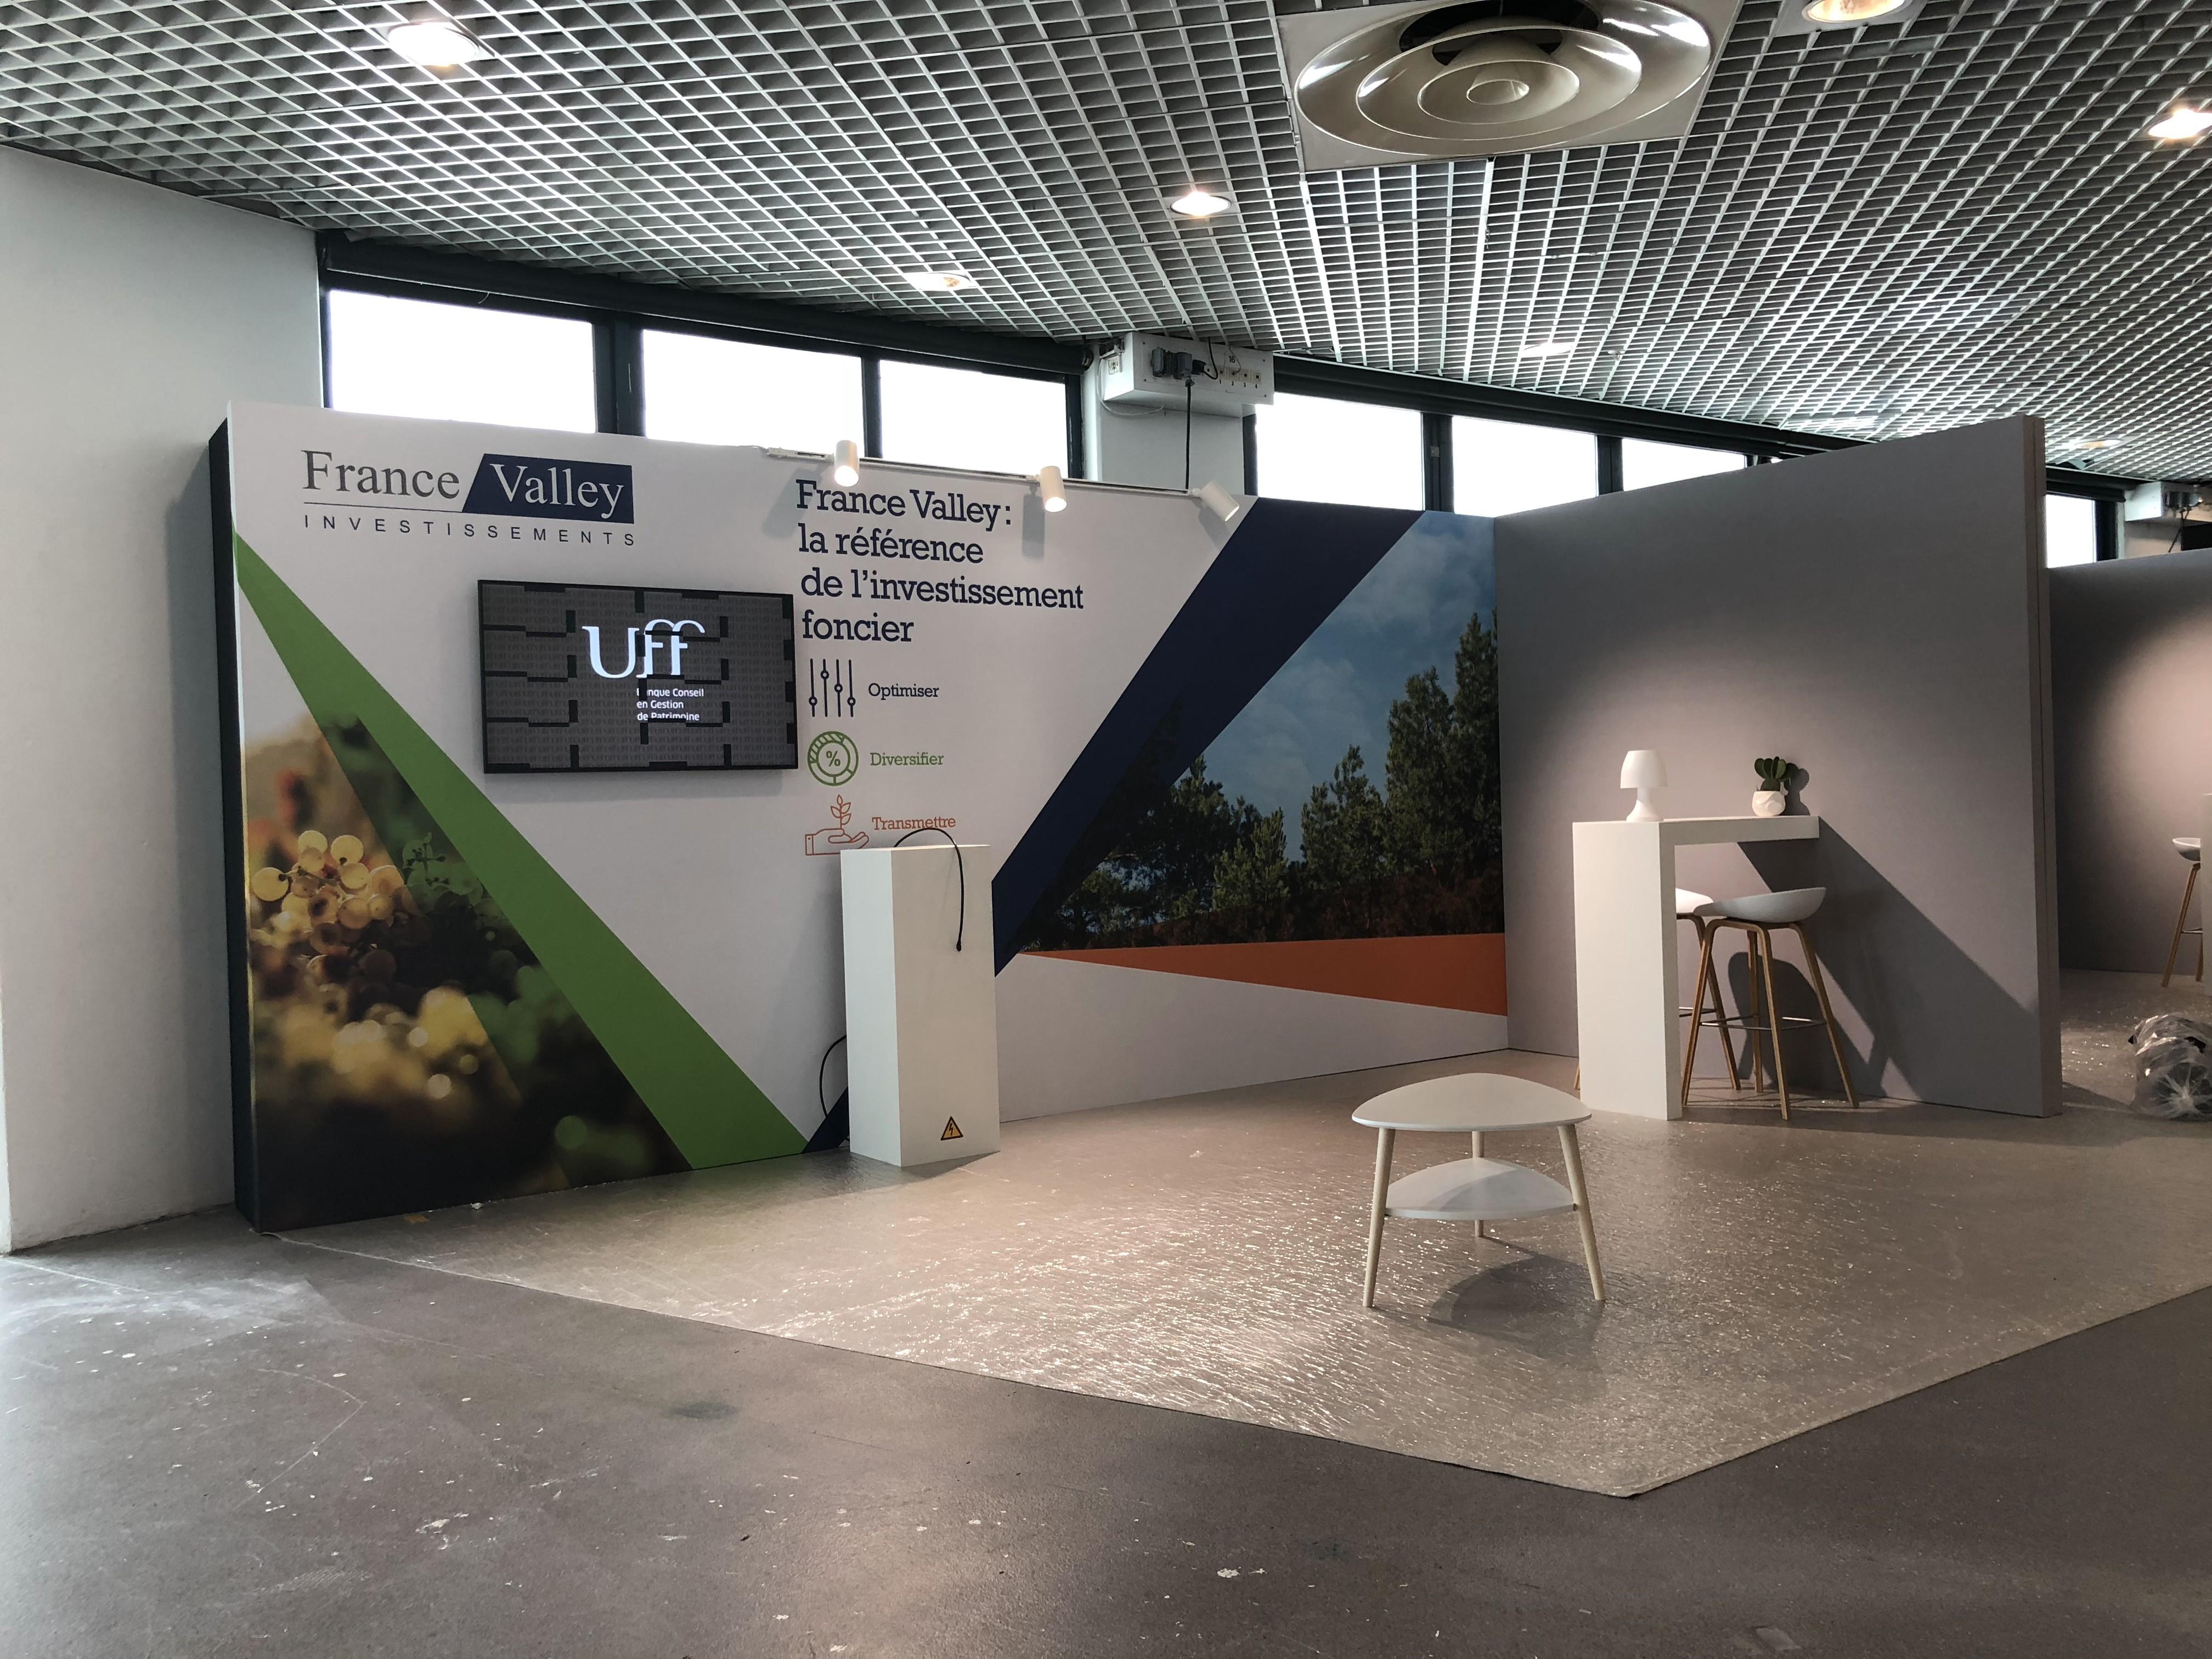 aucop-event-juin-evenementiel-UFF-cannes-antibes-palais des festivals-son-video-lumieres-scene